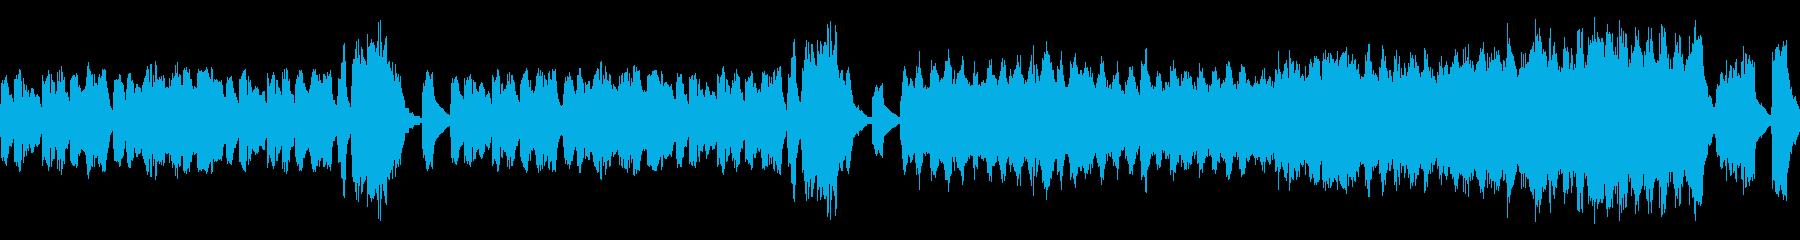 明るいクラシックの再生済みの波形